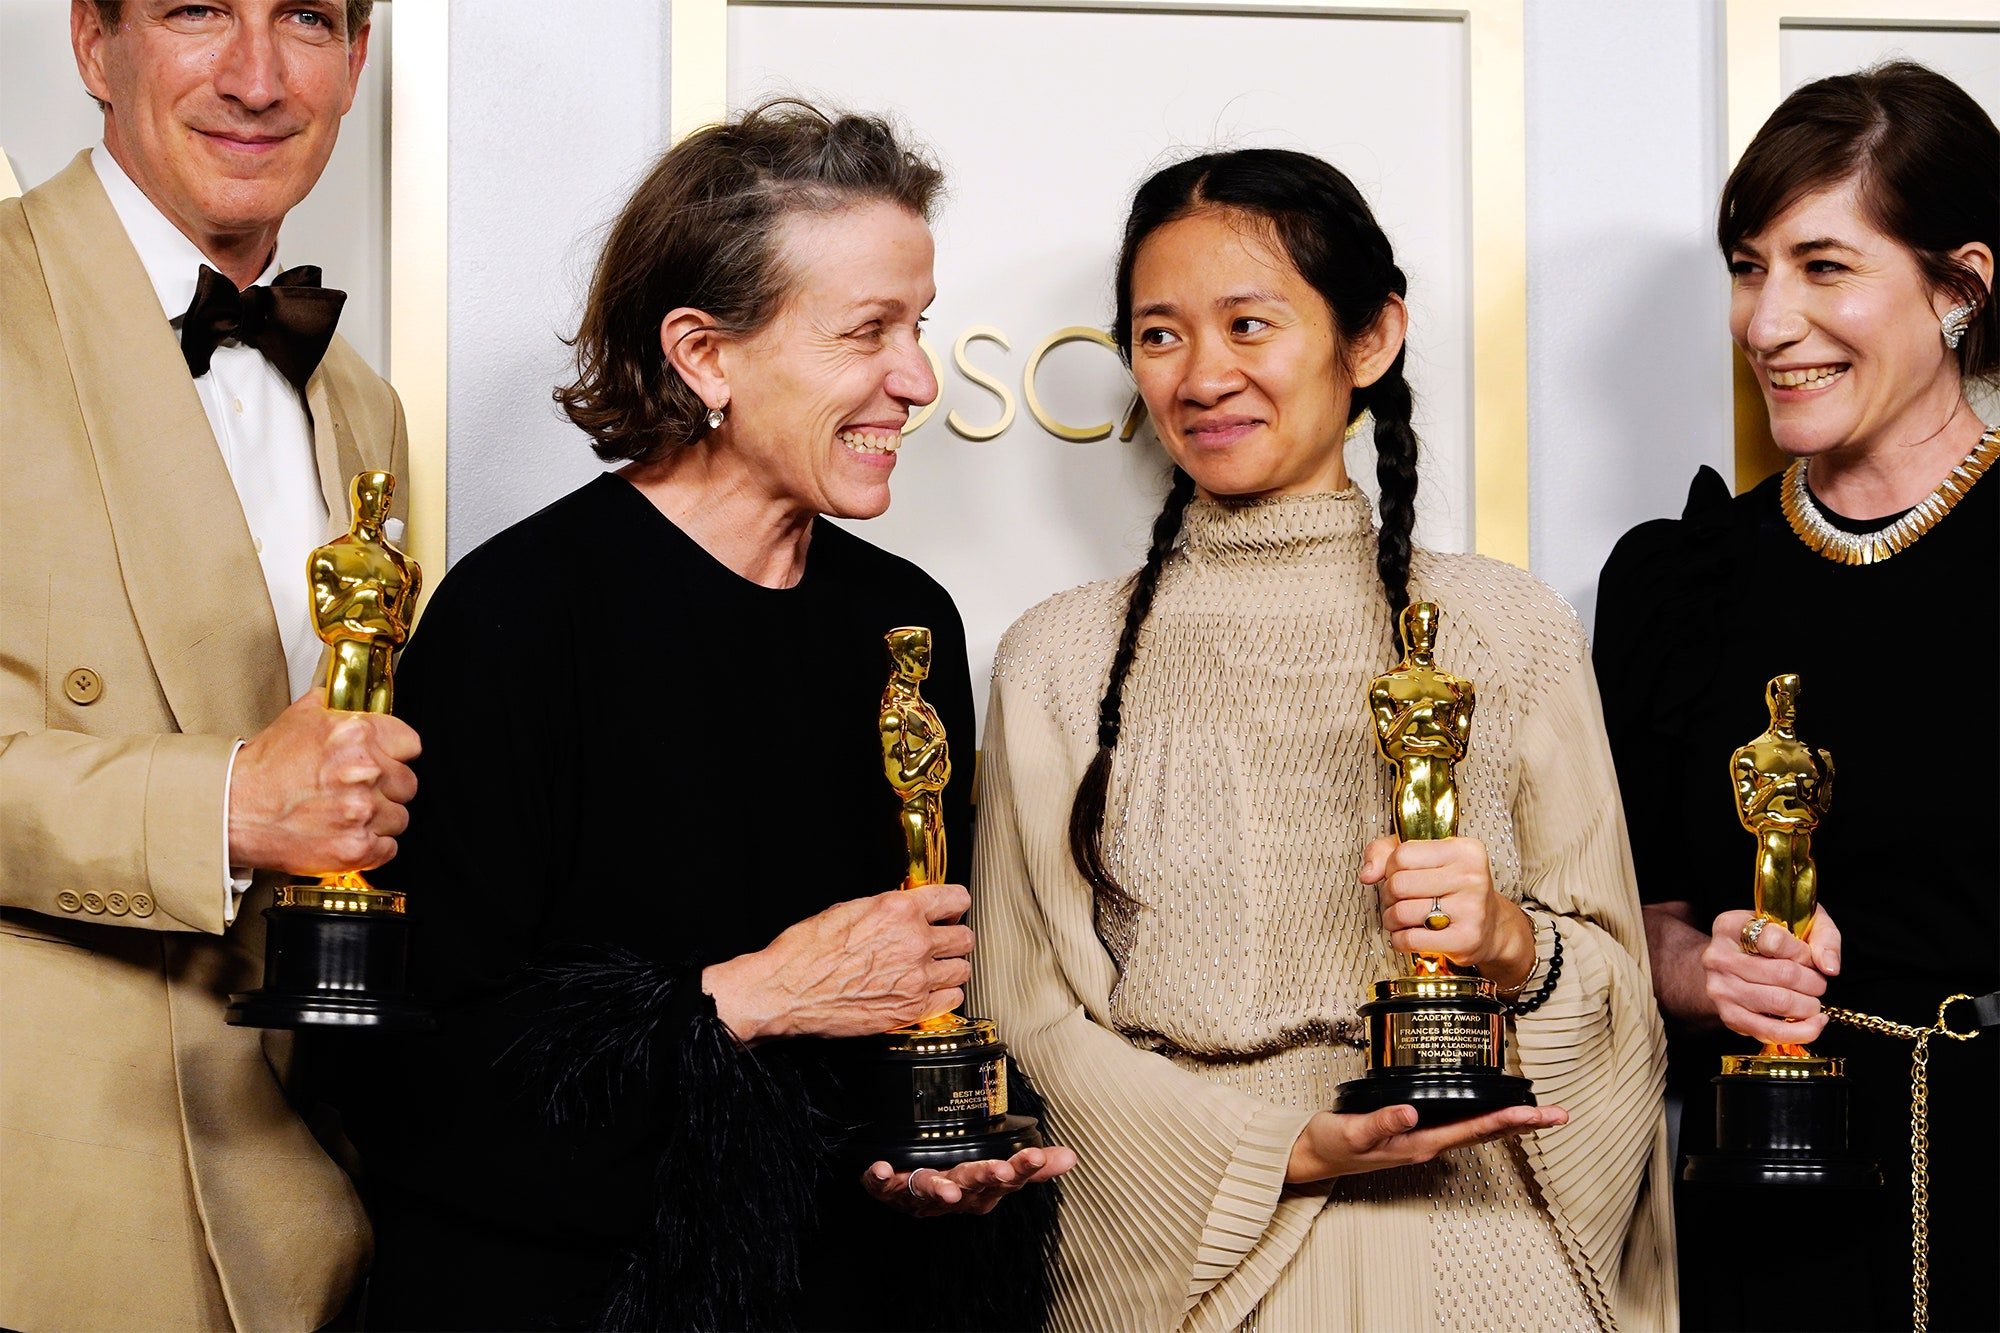 Óscars 2021 rompen récord como la ceremonia MENOS vista de todos los tiempos